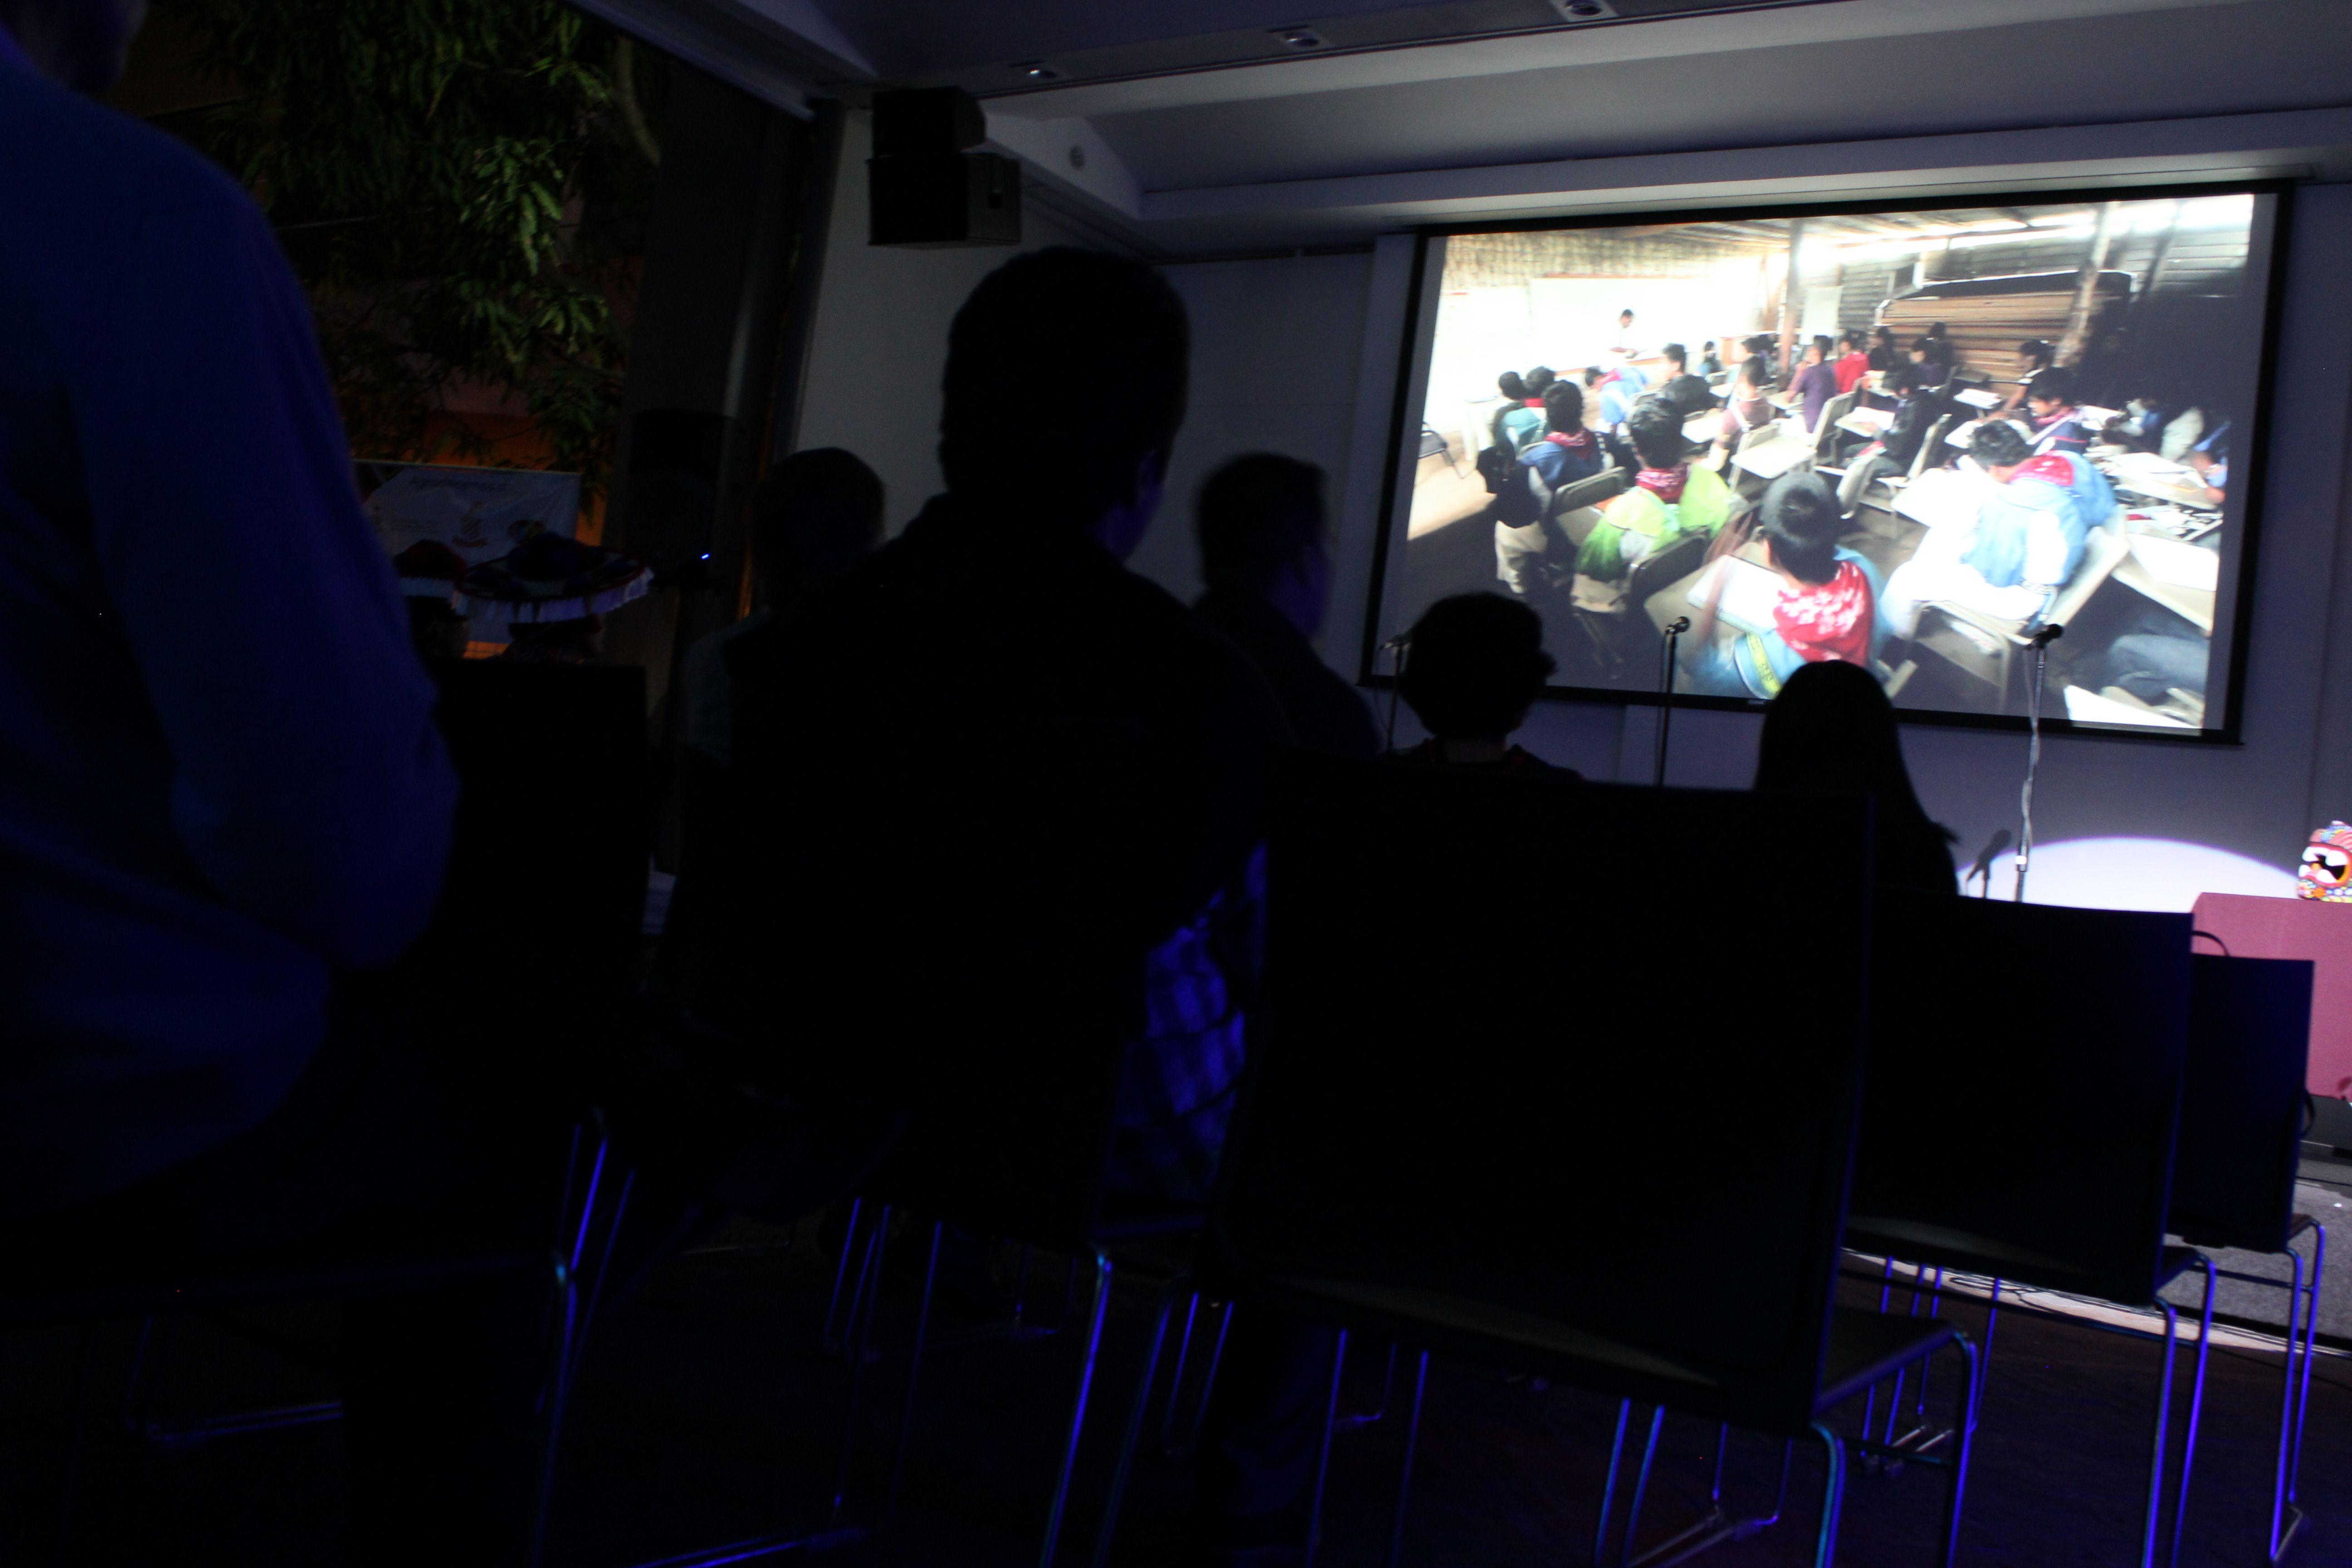 Una de las acciones para recaudar fondos fue un evento cultural realizado el pasado 20 de noviembre en Casa ITESO Clavigero.  Voluntarios crearon un cortometraje que muestra la realidad de los alumnos en esta comunidad. Foto: Karenina Casarín